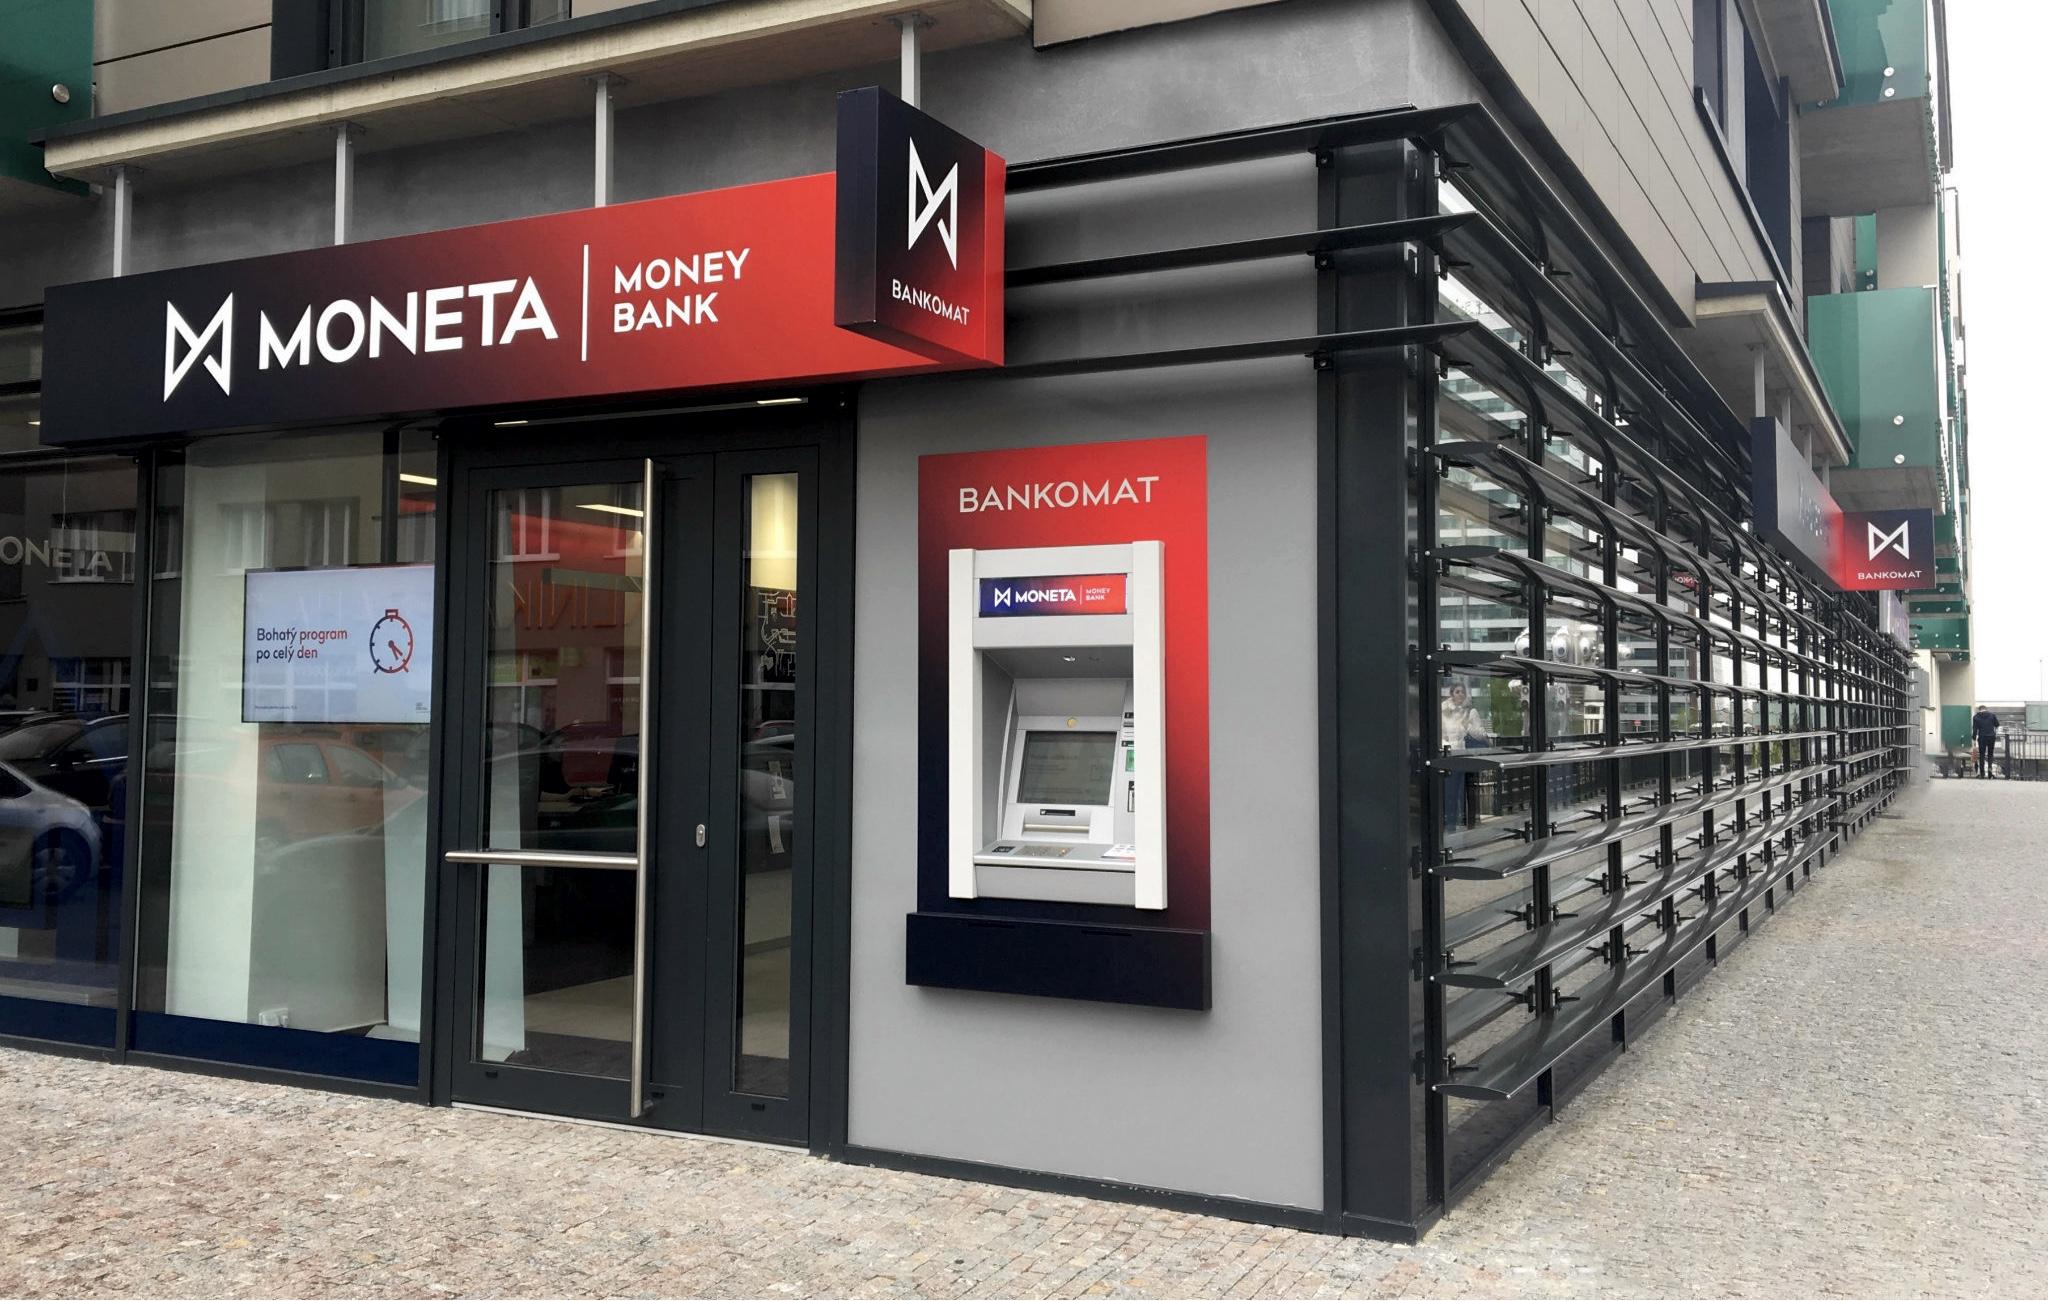 Moneta Money Bank by se mohla v příštím roce přebarvit na Air Bank